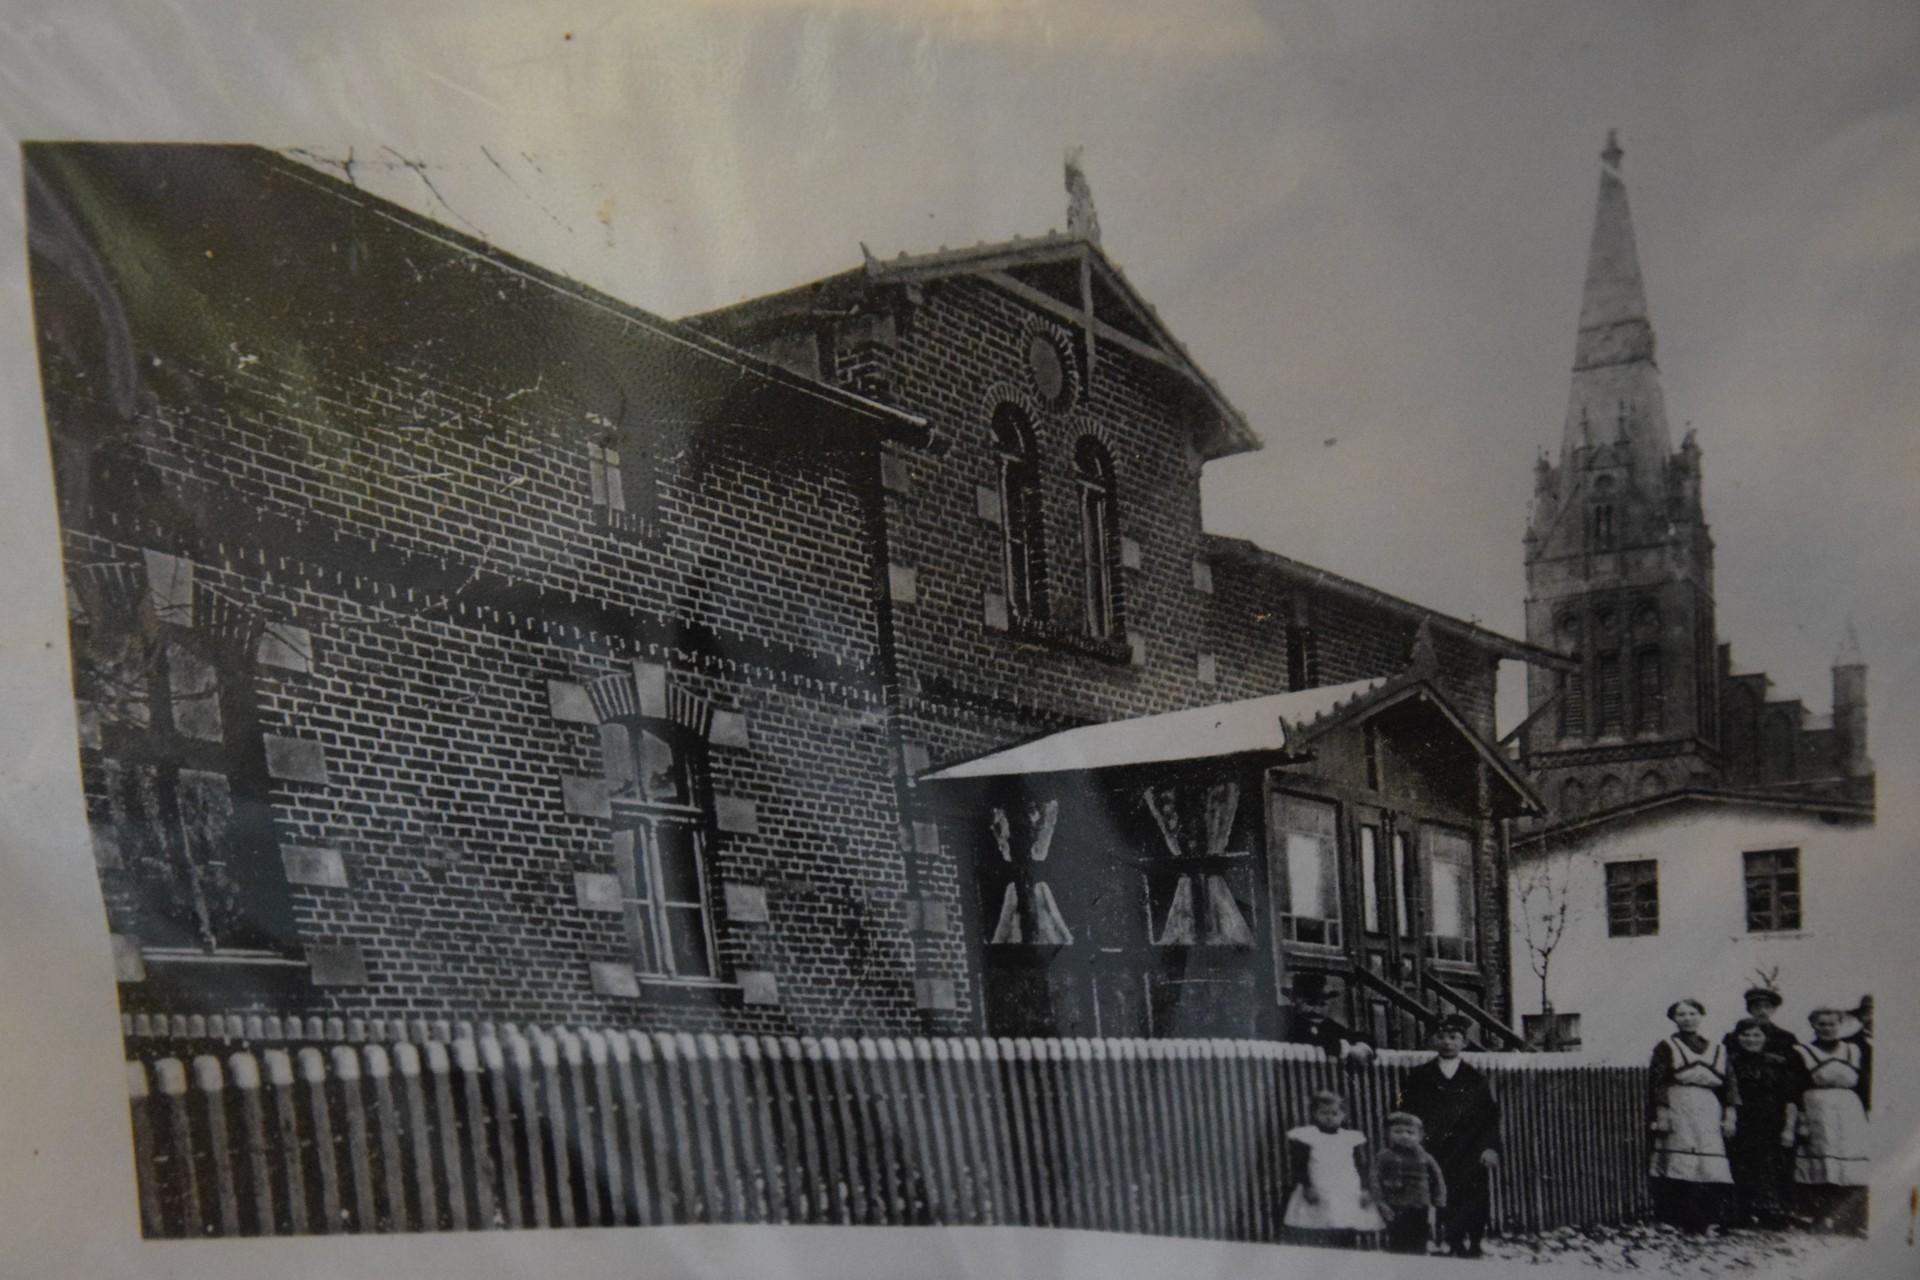 Lipusz. Muzeum Gospodarstwa Wiejskiego. Dom Emila Pircha, w tle - kościół ewangelicki, siedziba dzisiejszego muzeum, jeszcze z wieżą. Źródło: Muzeum Gospodarstwa Wiejskiego w Lipuszu.